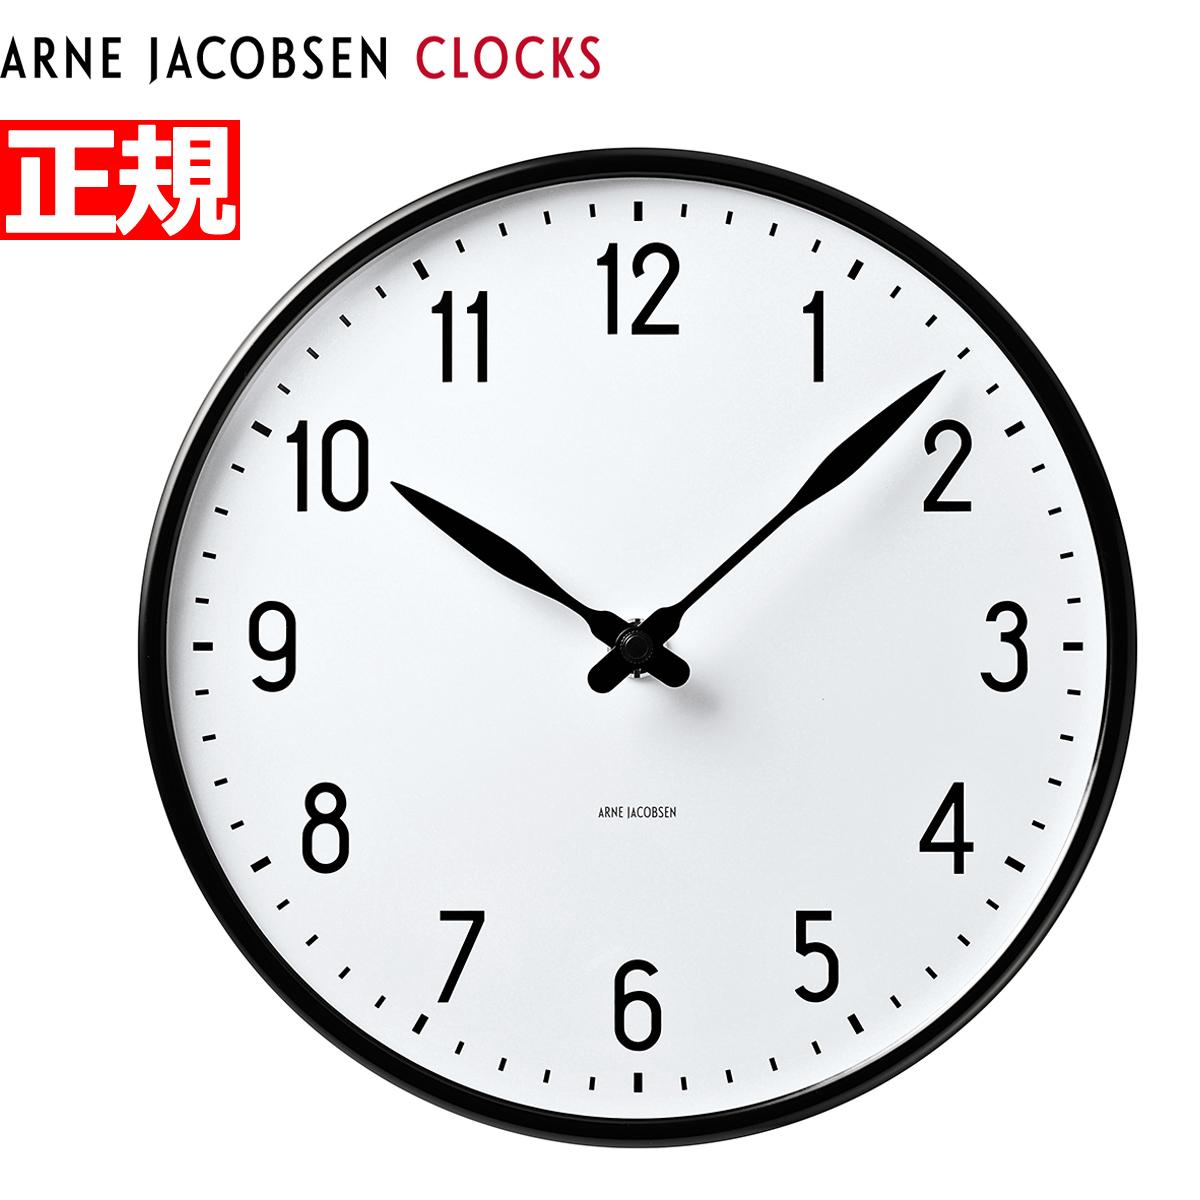 アルネヤコブセン ARNE JACOBSEN 時計 掛け時計 ウォールクロック 北欧 バンカーズ BANKERS 21cm 43636